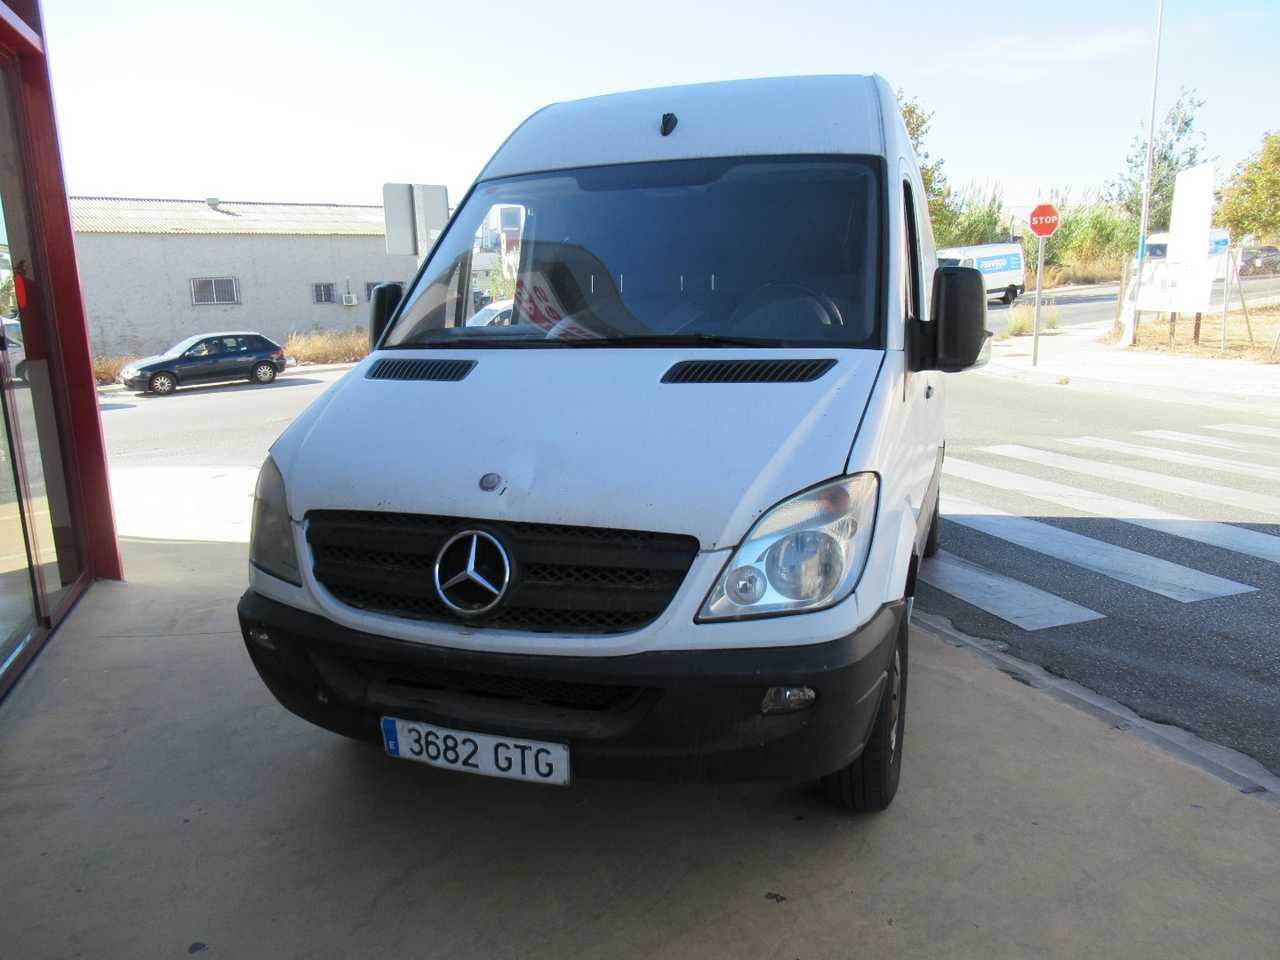 Mercedes Sprinter 210 CDI FURGON MOTOR CON 148000 KM GARANTIA UN SOLO PROPIETARIO, CERTIFICADO DE KM Y CARROCERIA   - Foto 1